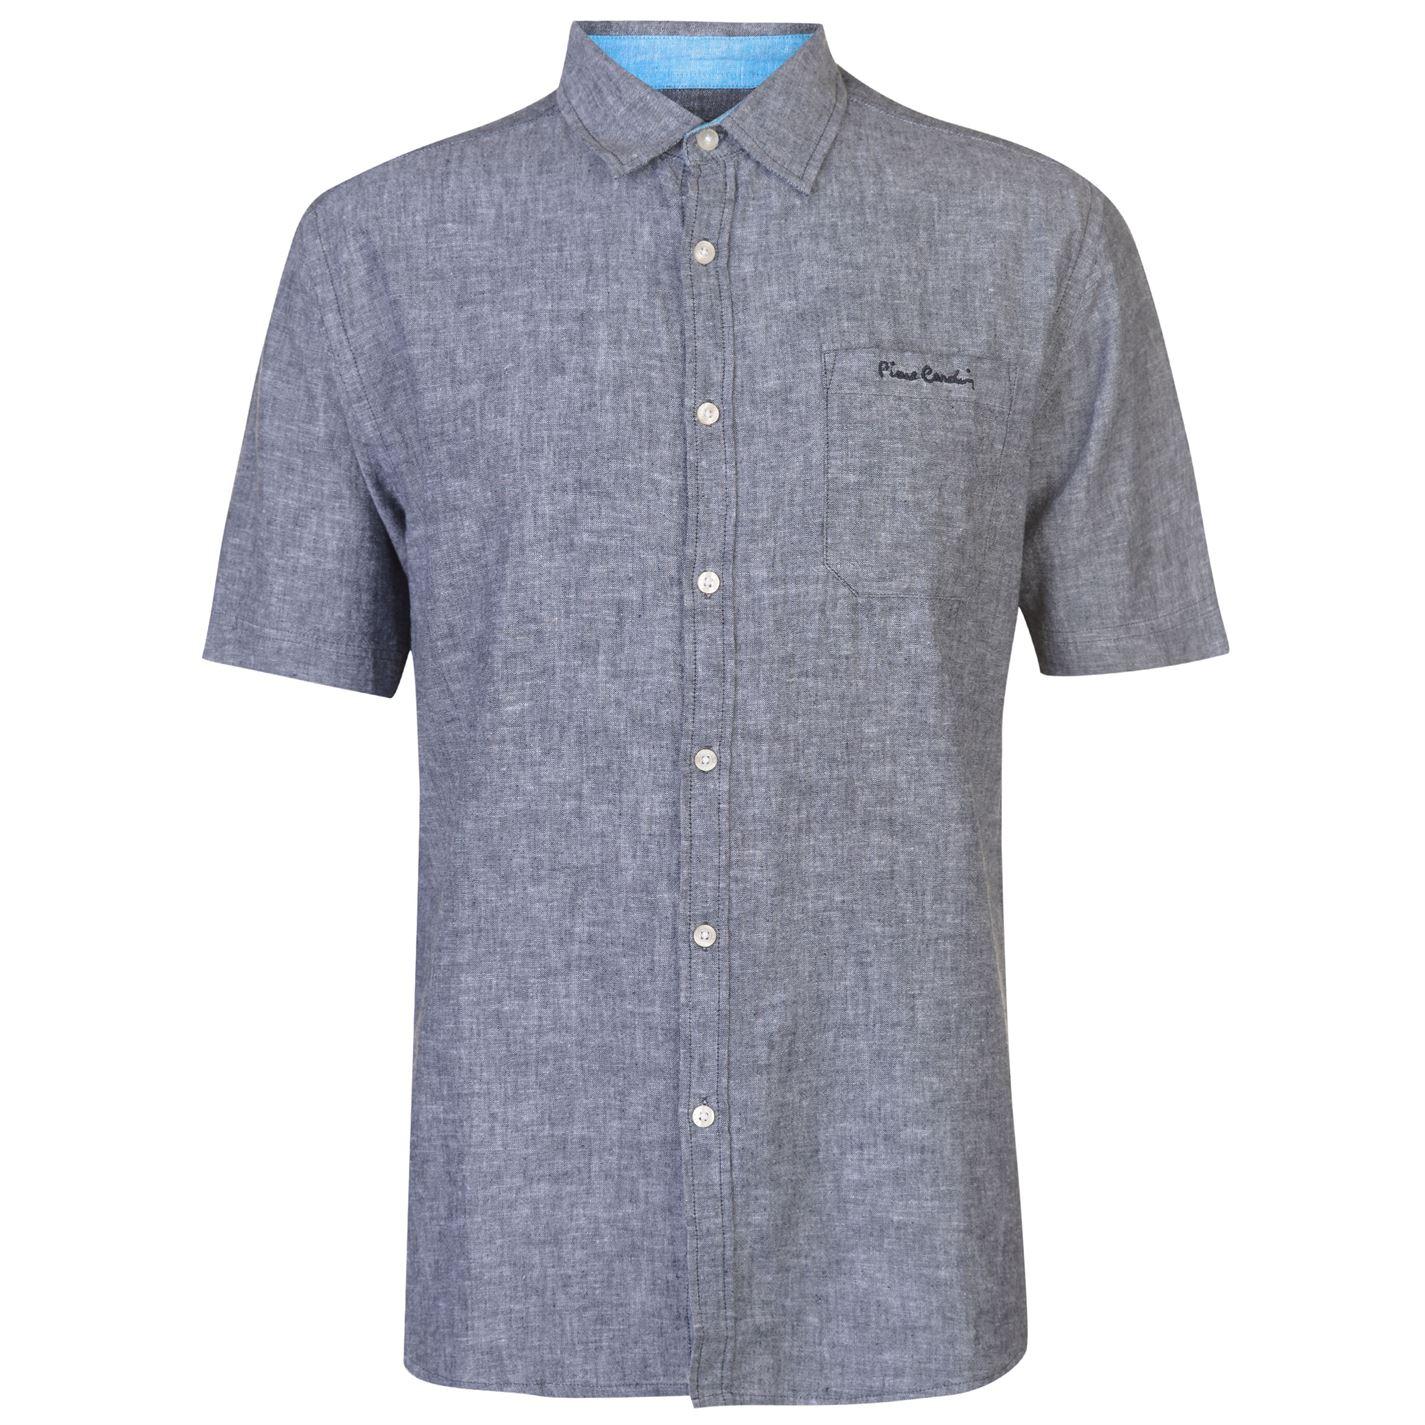 Pierre Cardin Short Sleeve Linen pánska košeľa